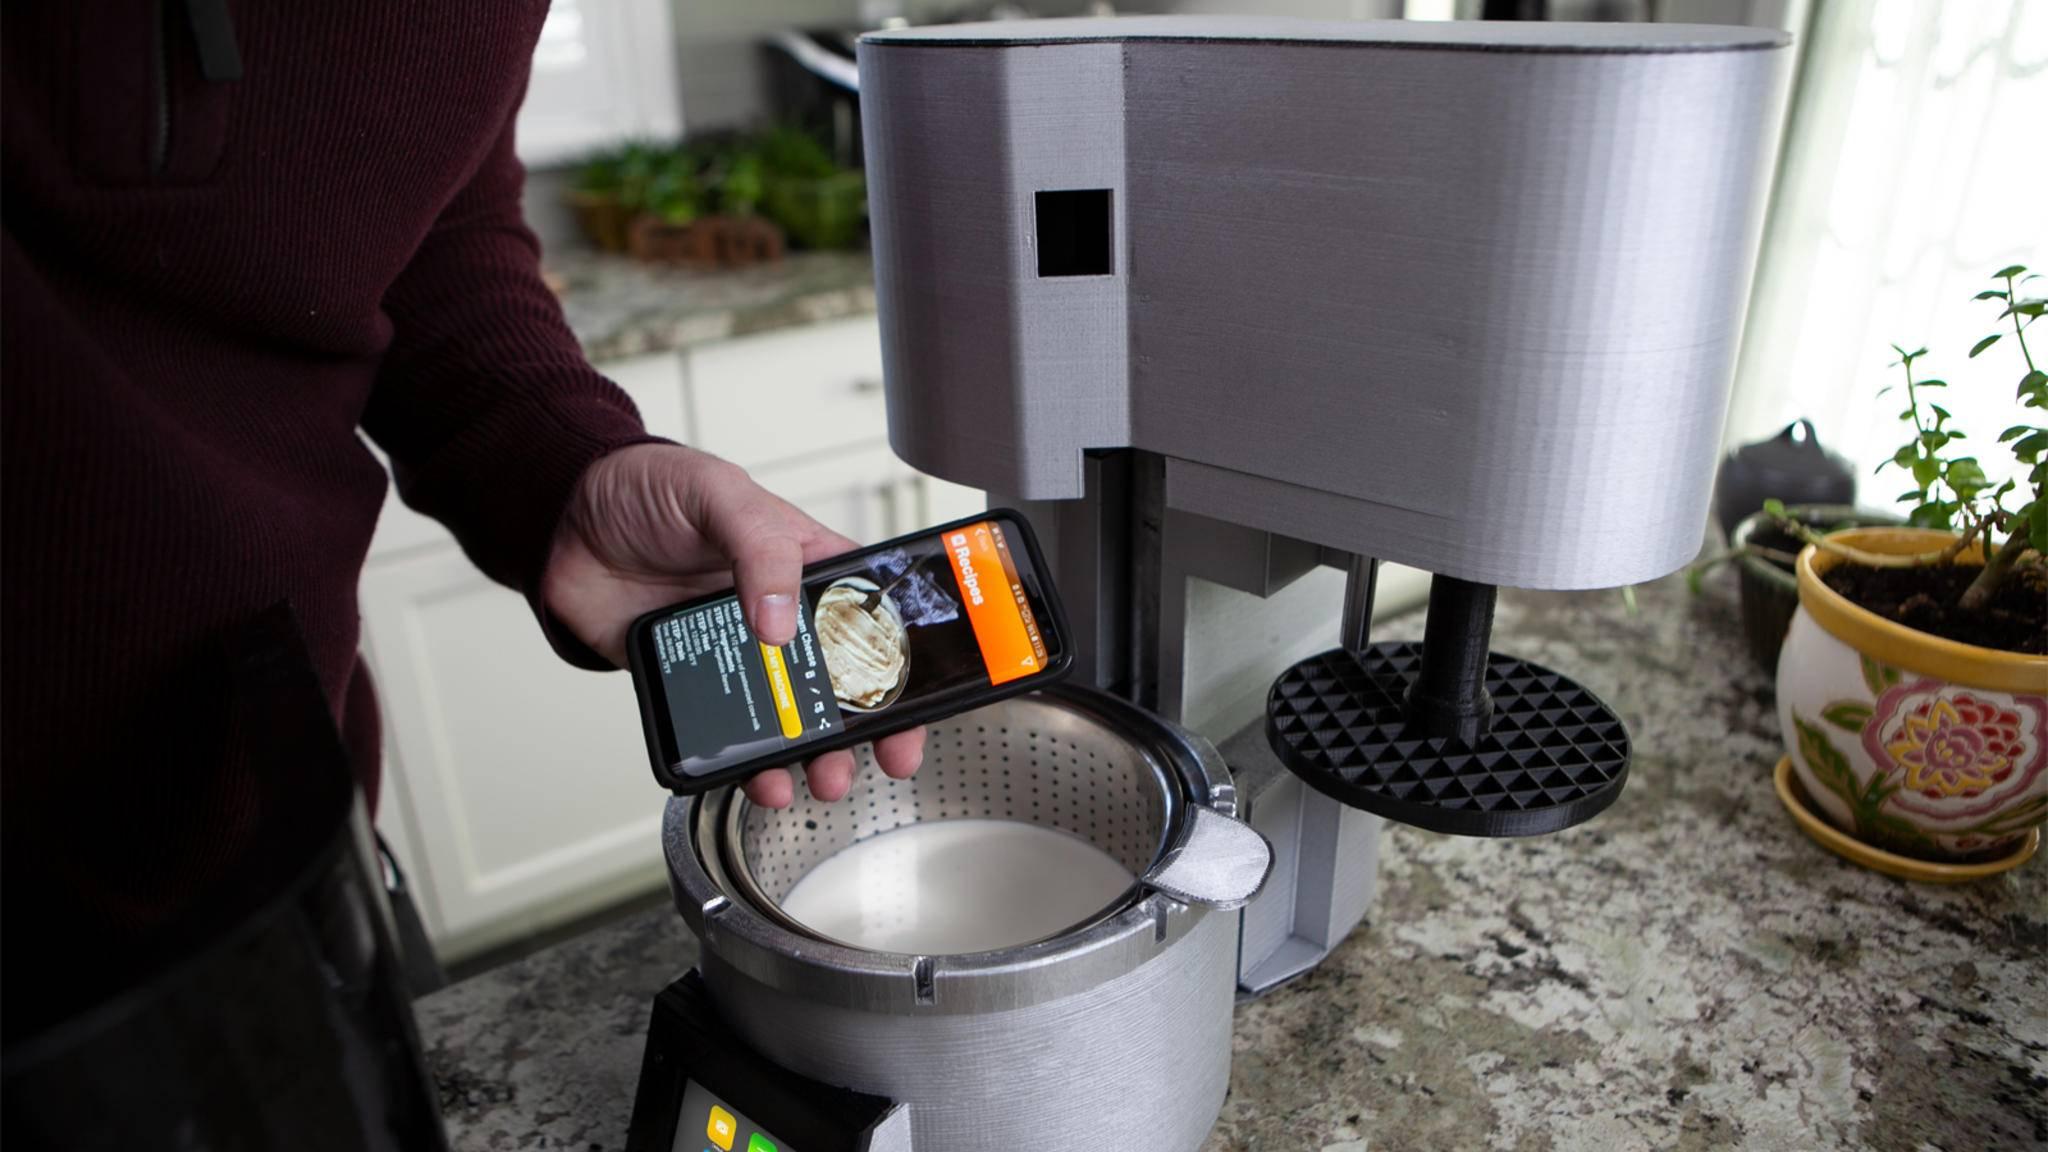 Käse machen per App – auch das ist mittlerweile möglich.